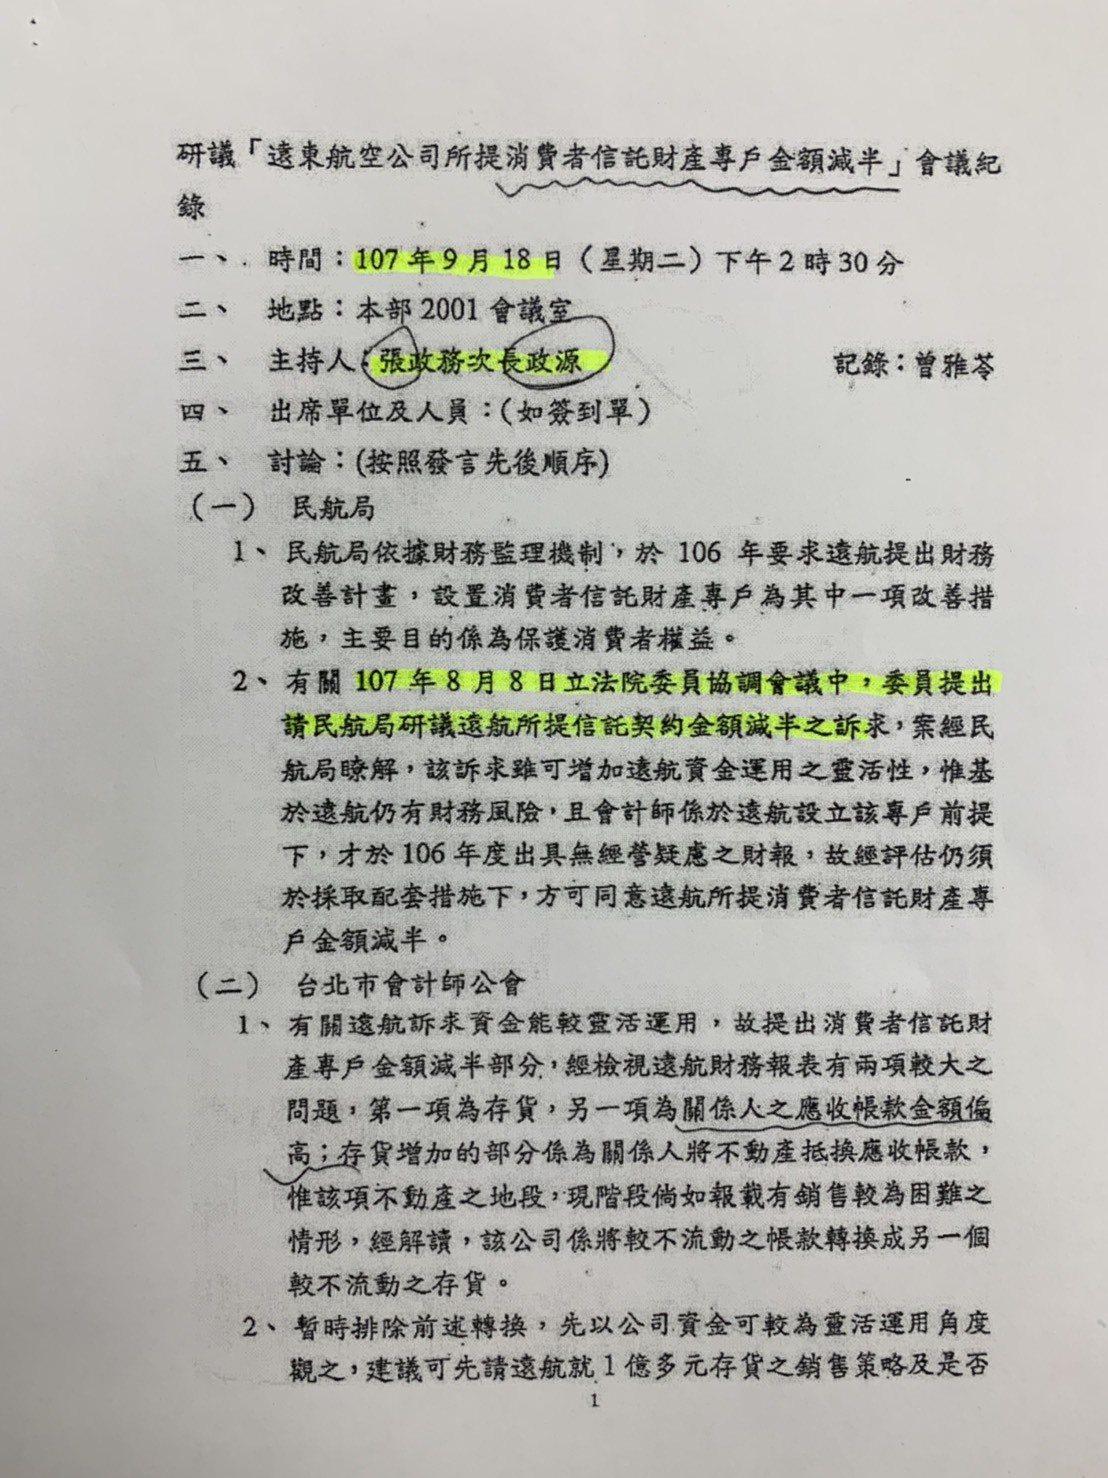 2018年9月18日交通部前政次、現任台鐵局長張政源召開協調會,會議紀錄就寫著2...